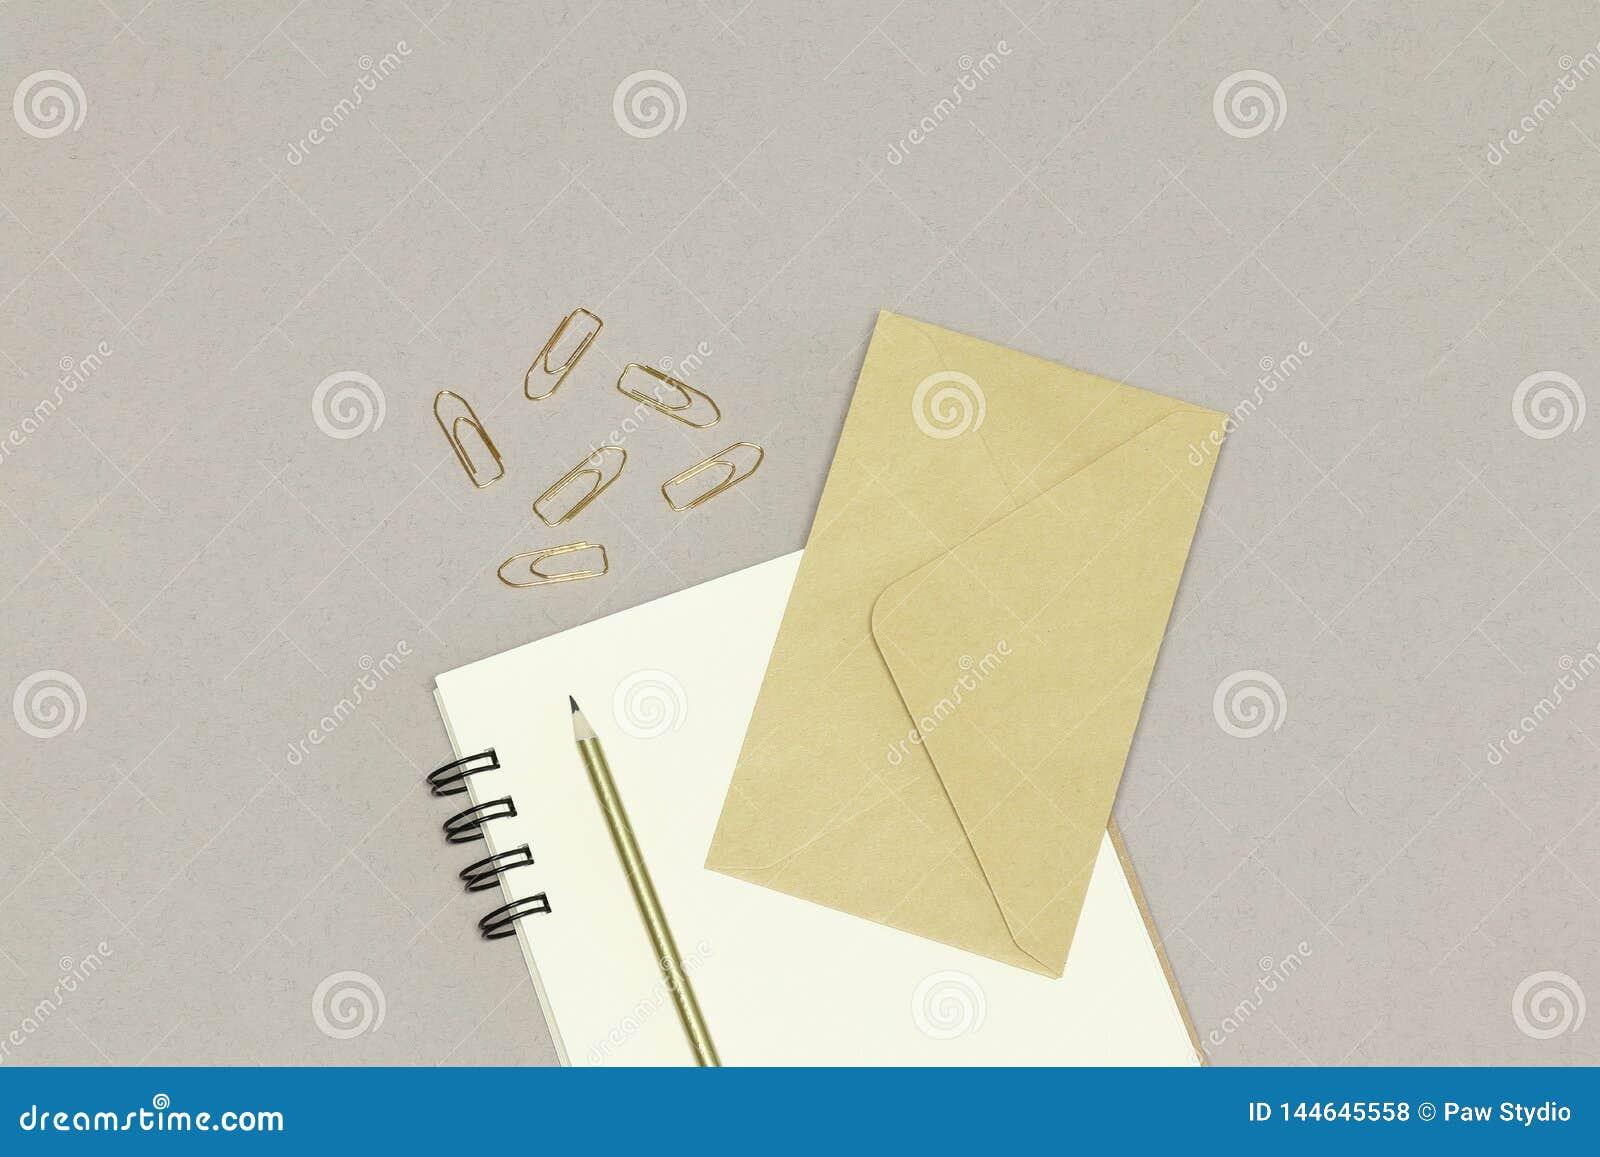 Der Kraftpapier-Umschlag, die Anmerkungen, der goldene Bleistift u. die Büroklammern, auf dem weißen Hintergrund